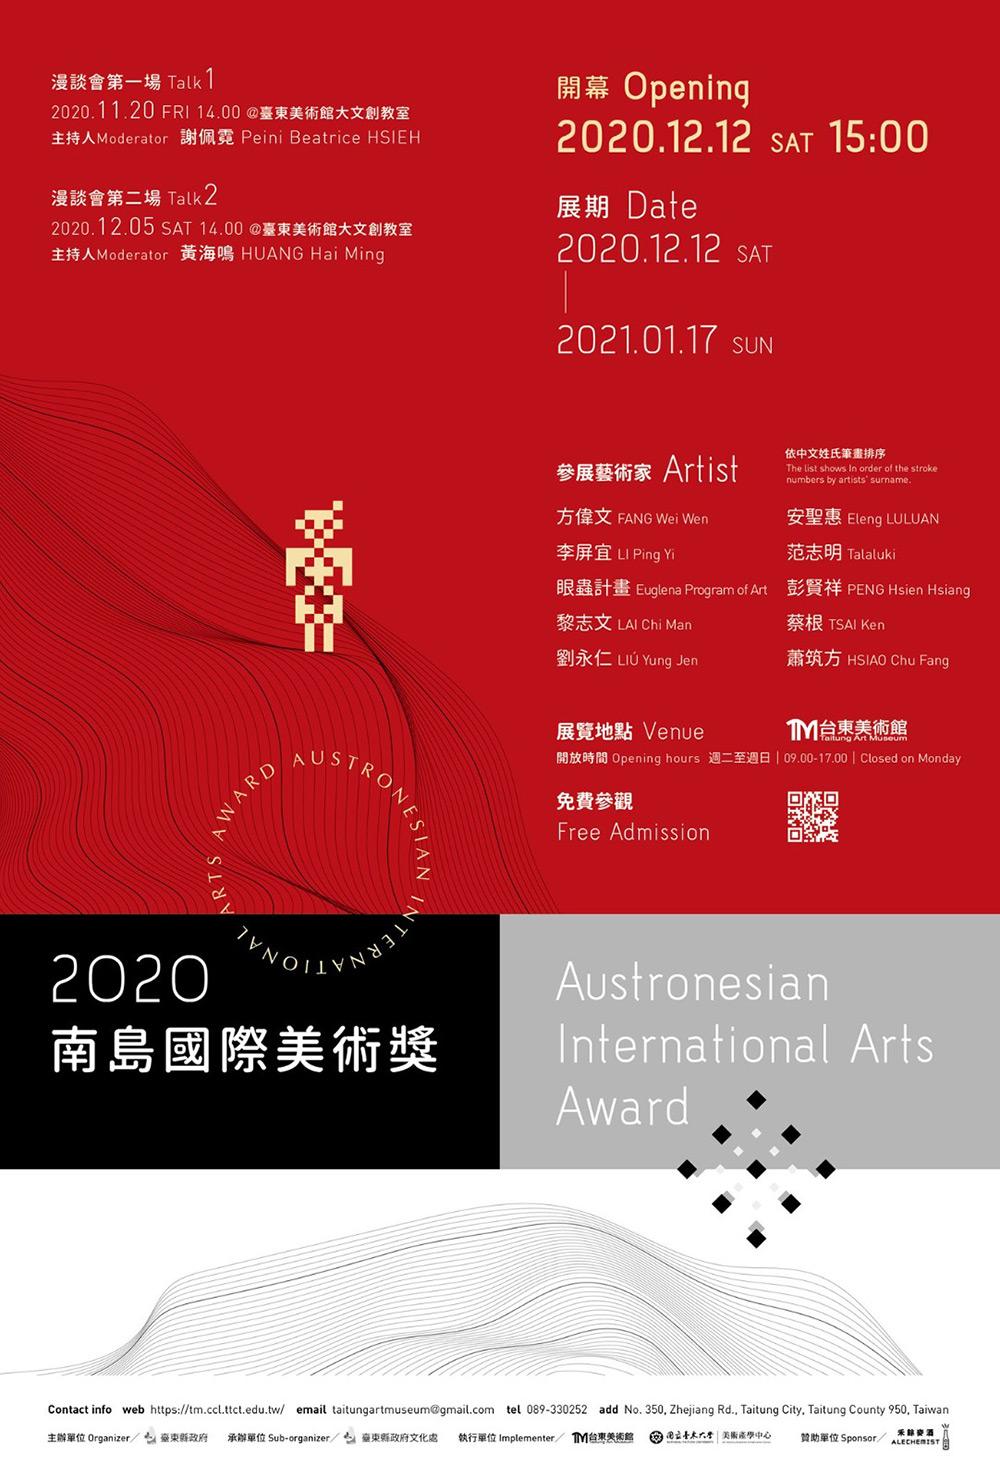 优秀视觉!12张中文活动海报设计